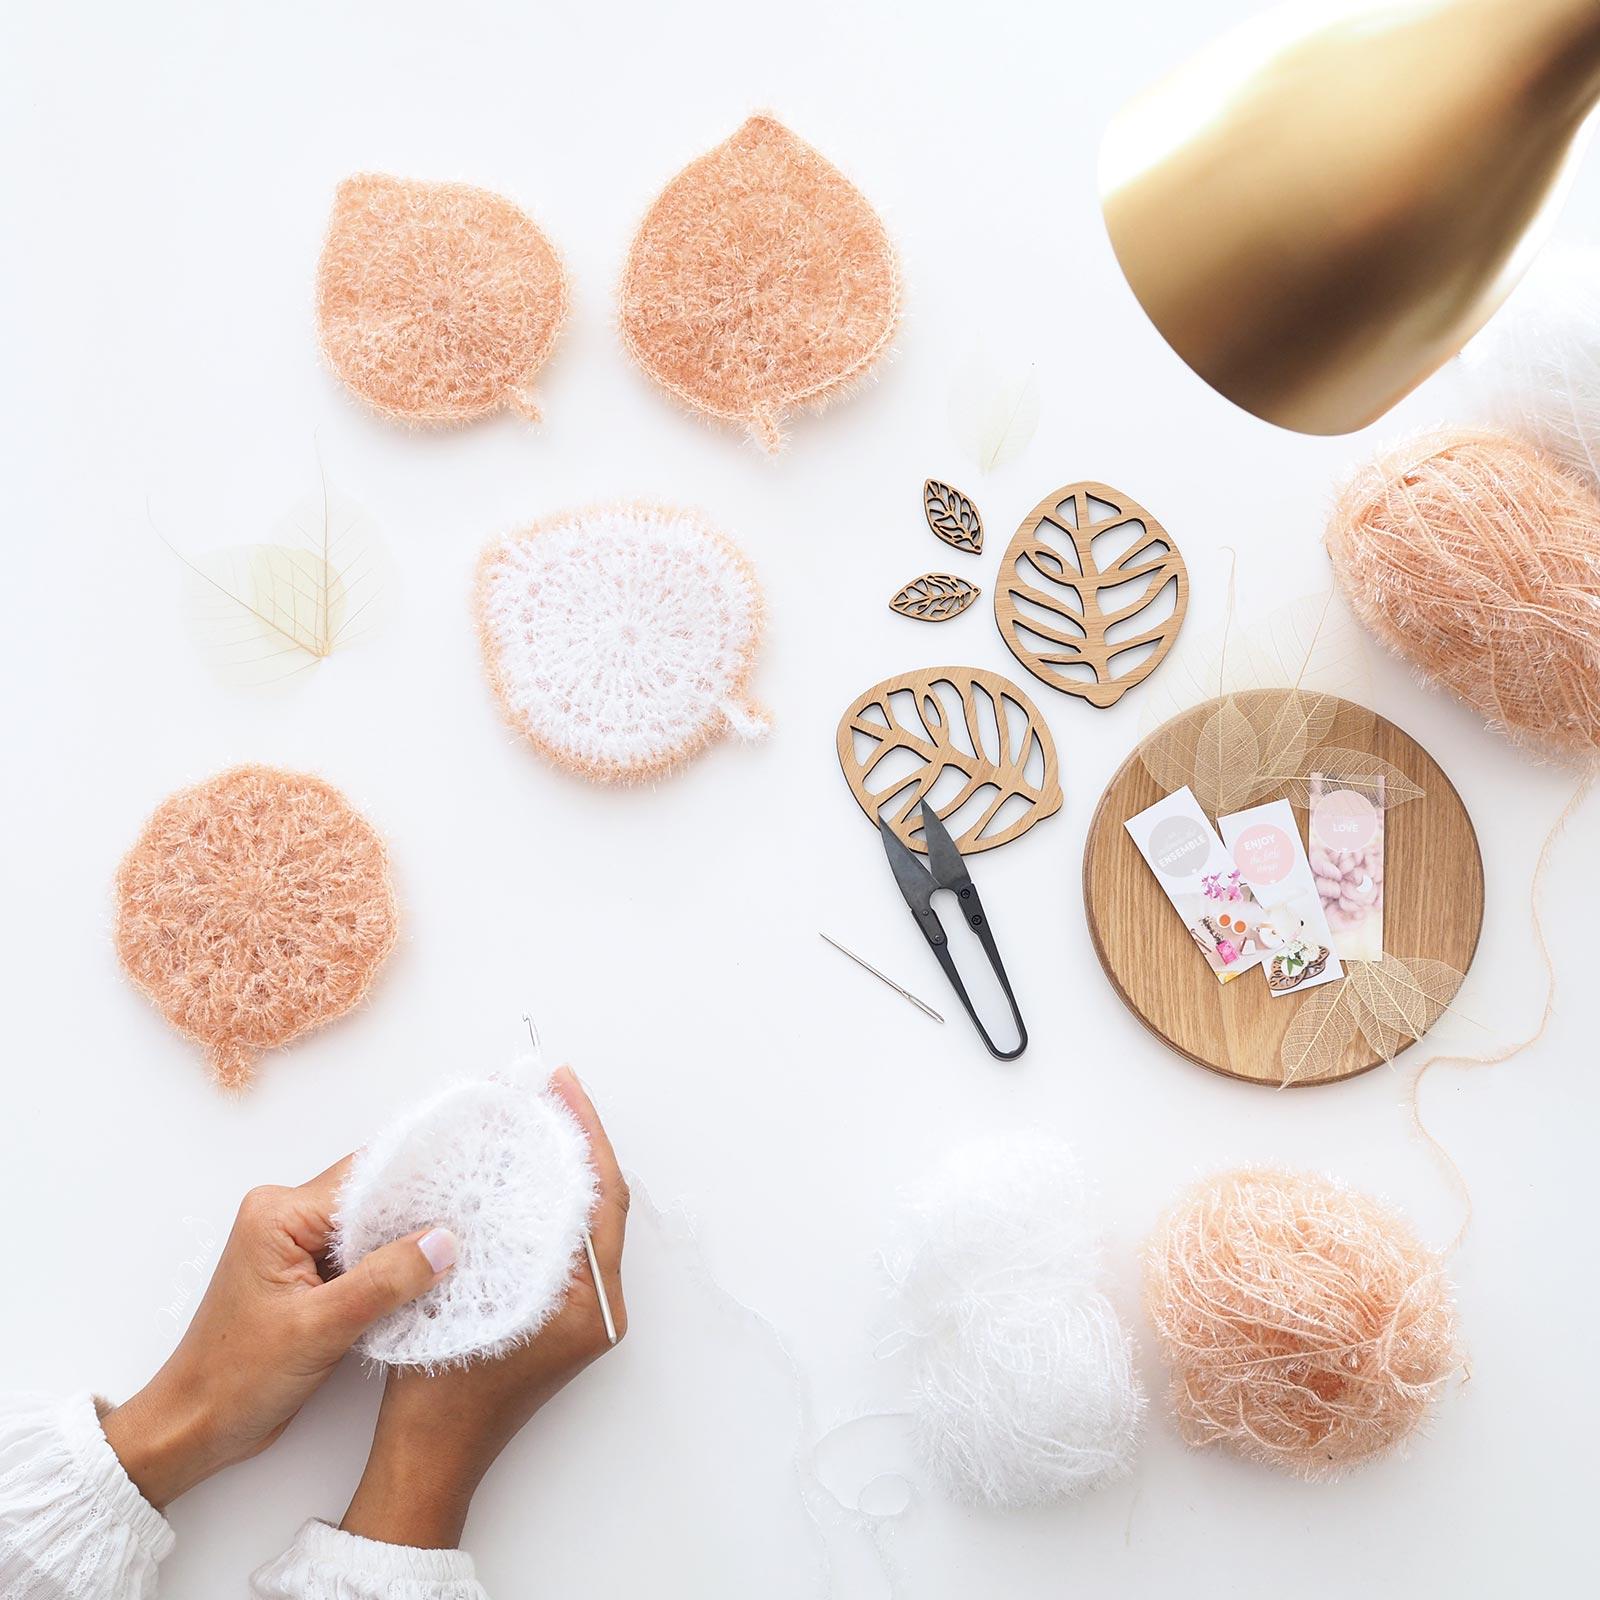 éponges Tawashi au crochet feuille fleur de douche Creative Bubble Rico Design laboutiquedemelimelo